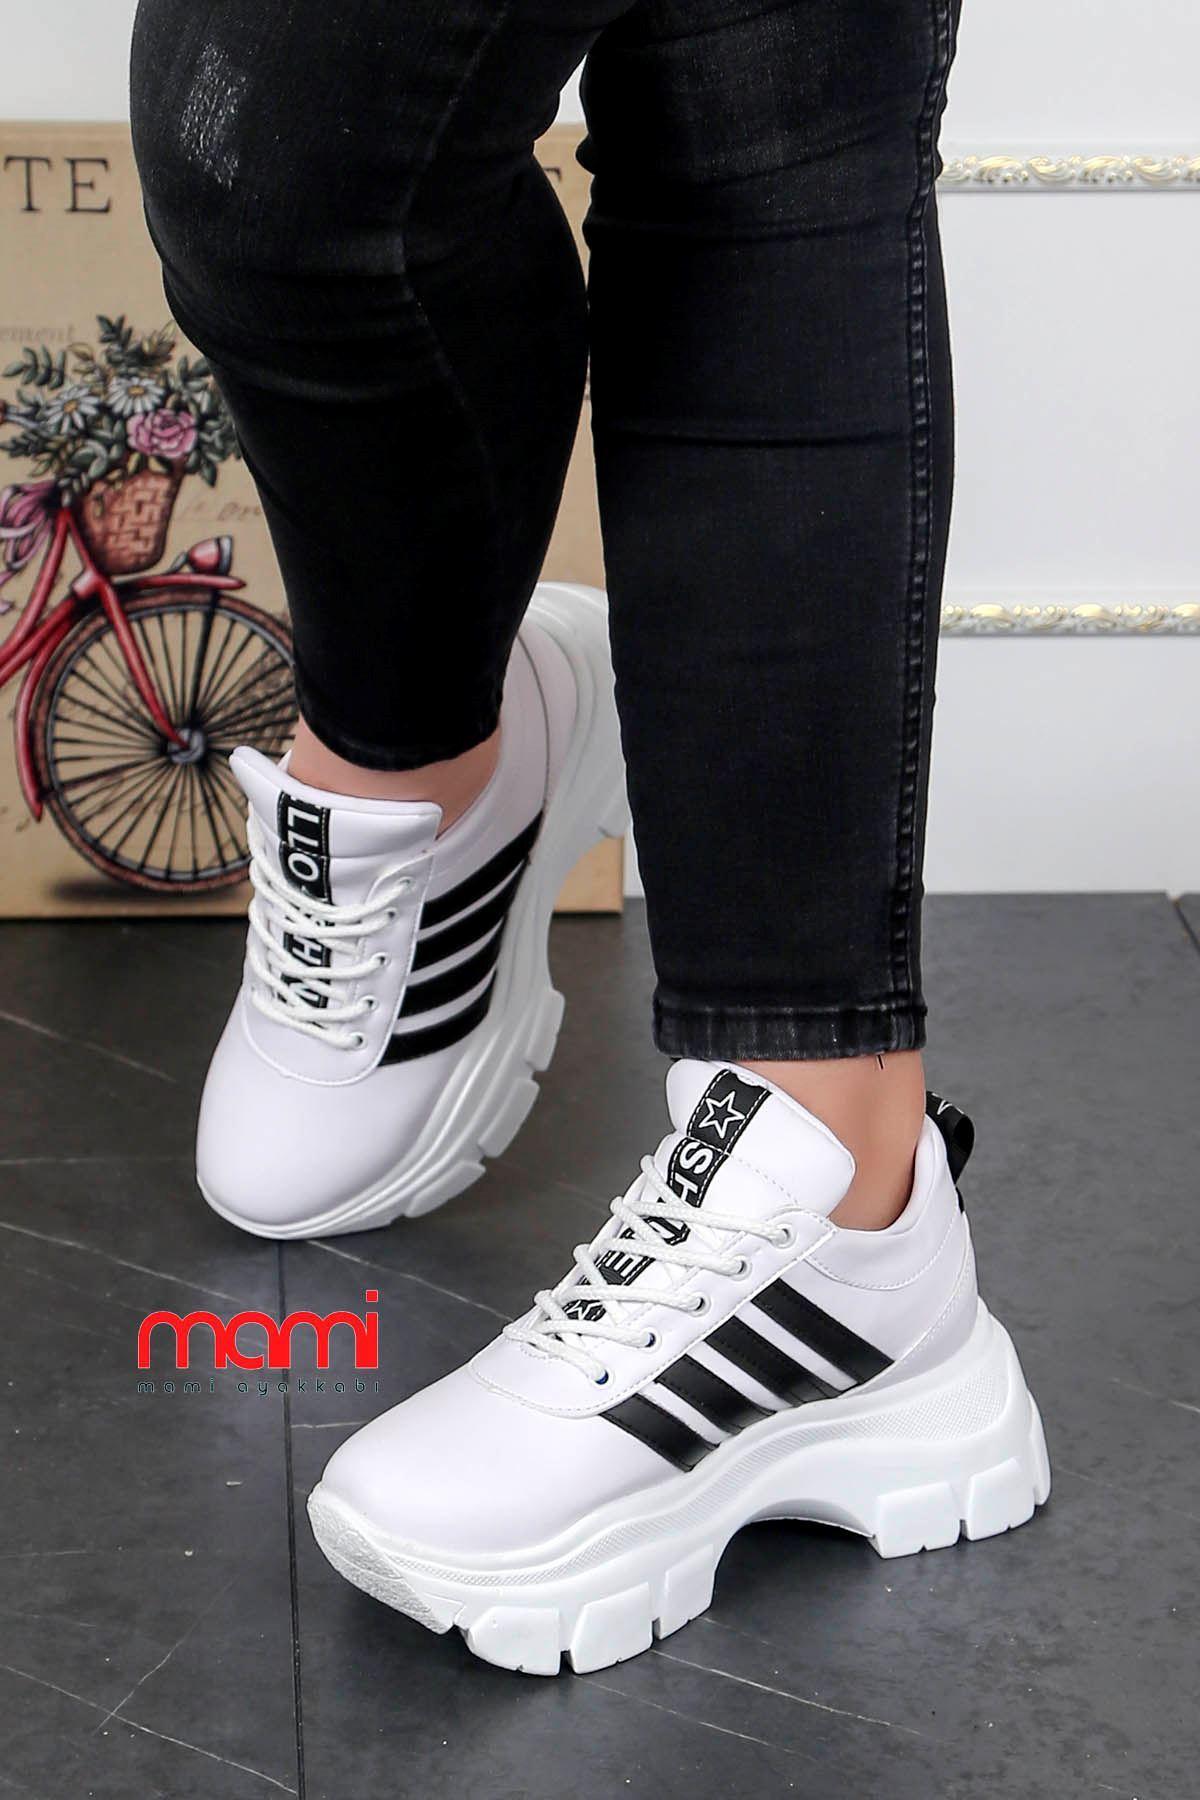 Frm-400 Tabanlı Spor Ayakkabı Beyaz Deri Siyah Şerit